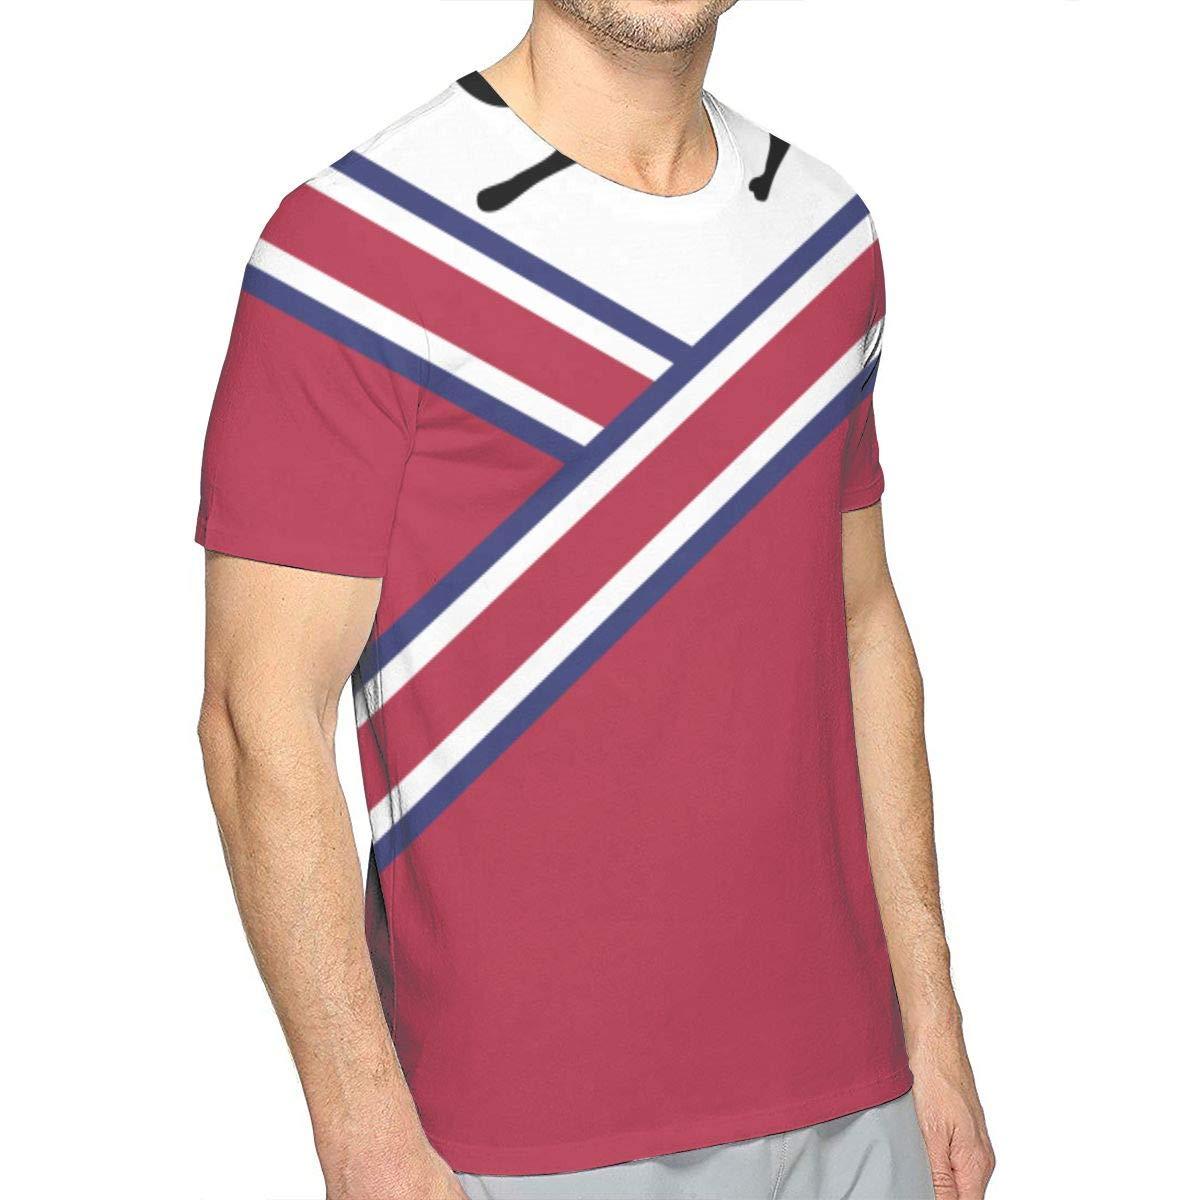 MONCCI Japanese Wind Black Cat Fan 100/% Cotton Crew Neck Vintage Short Sleeve Adult Shirt